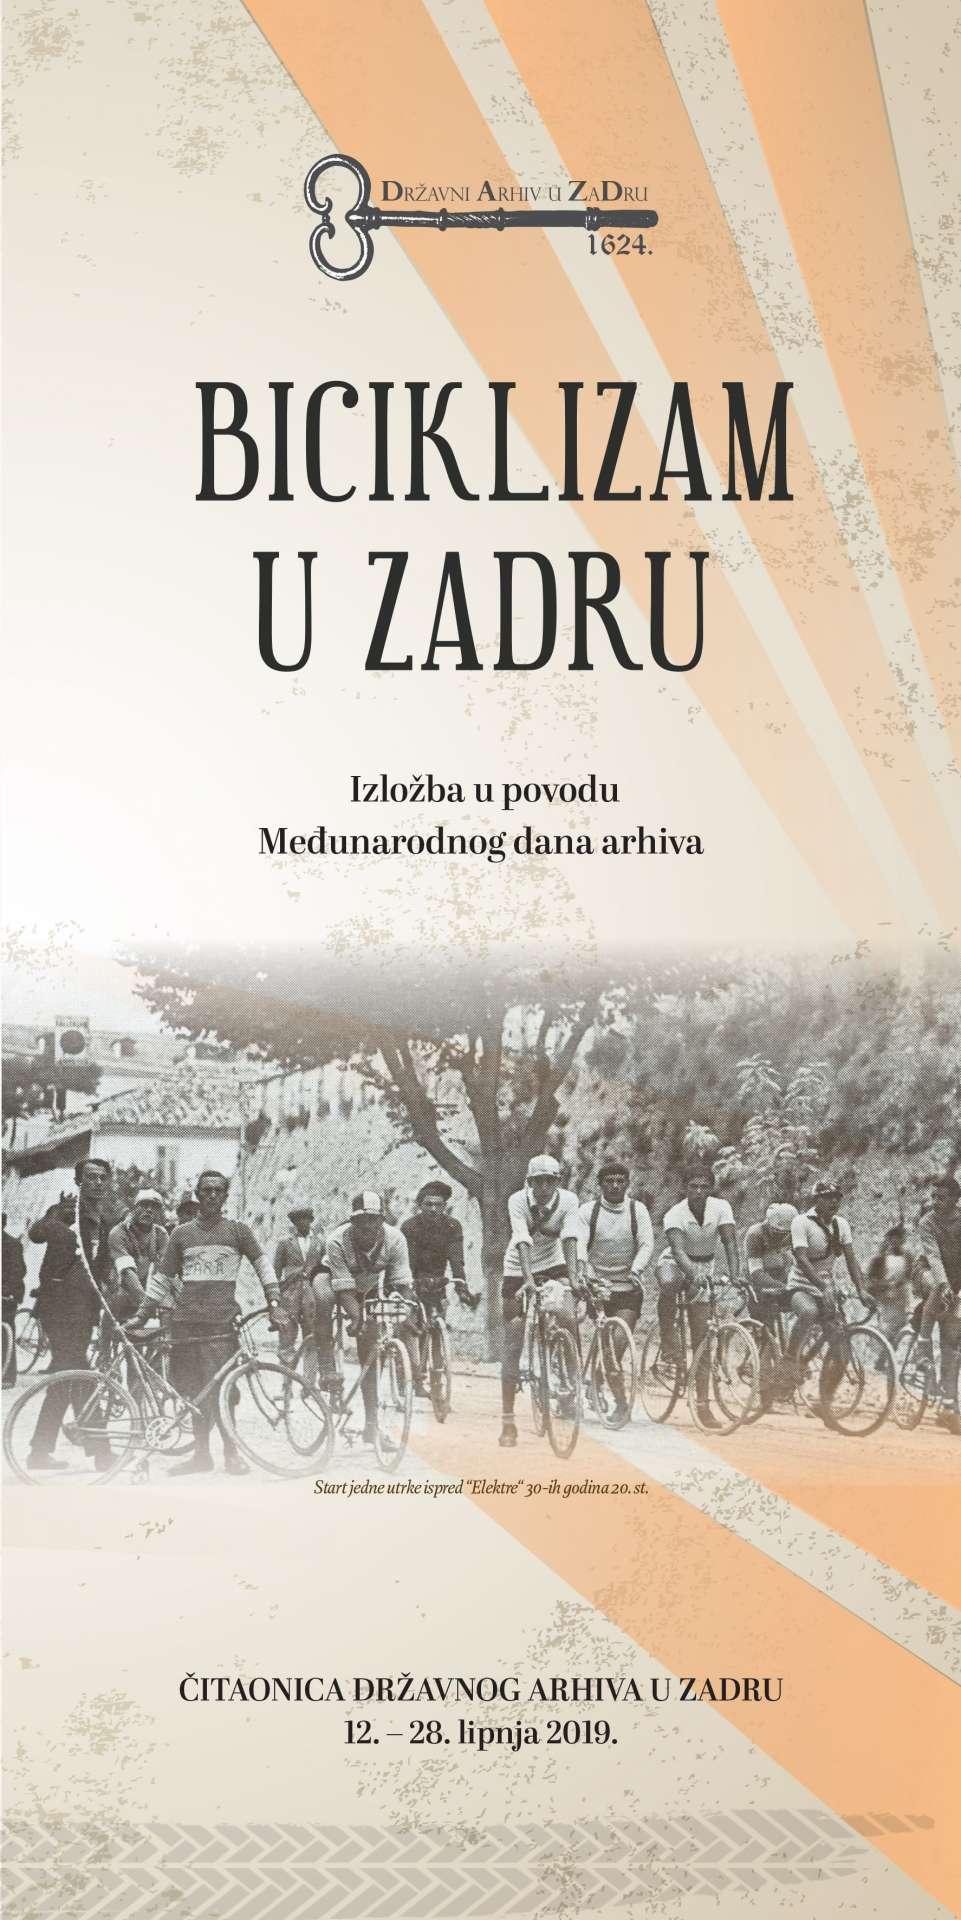 Biciklizam u Zadru